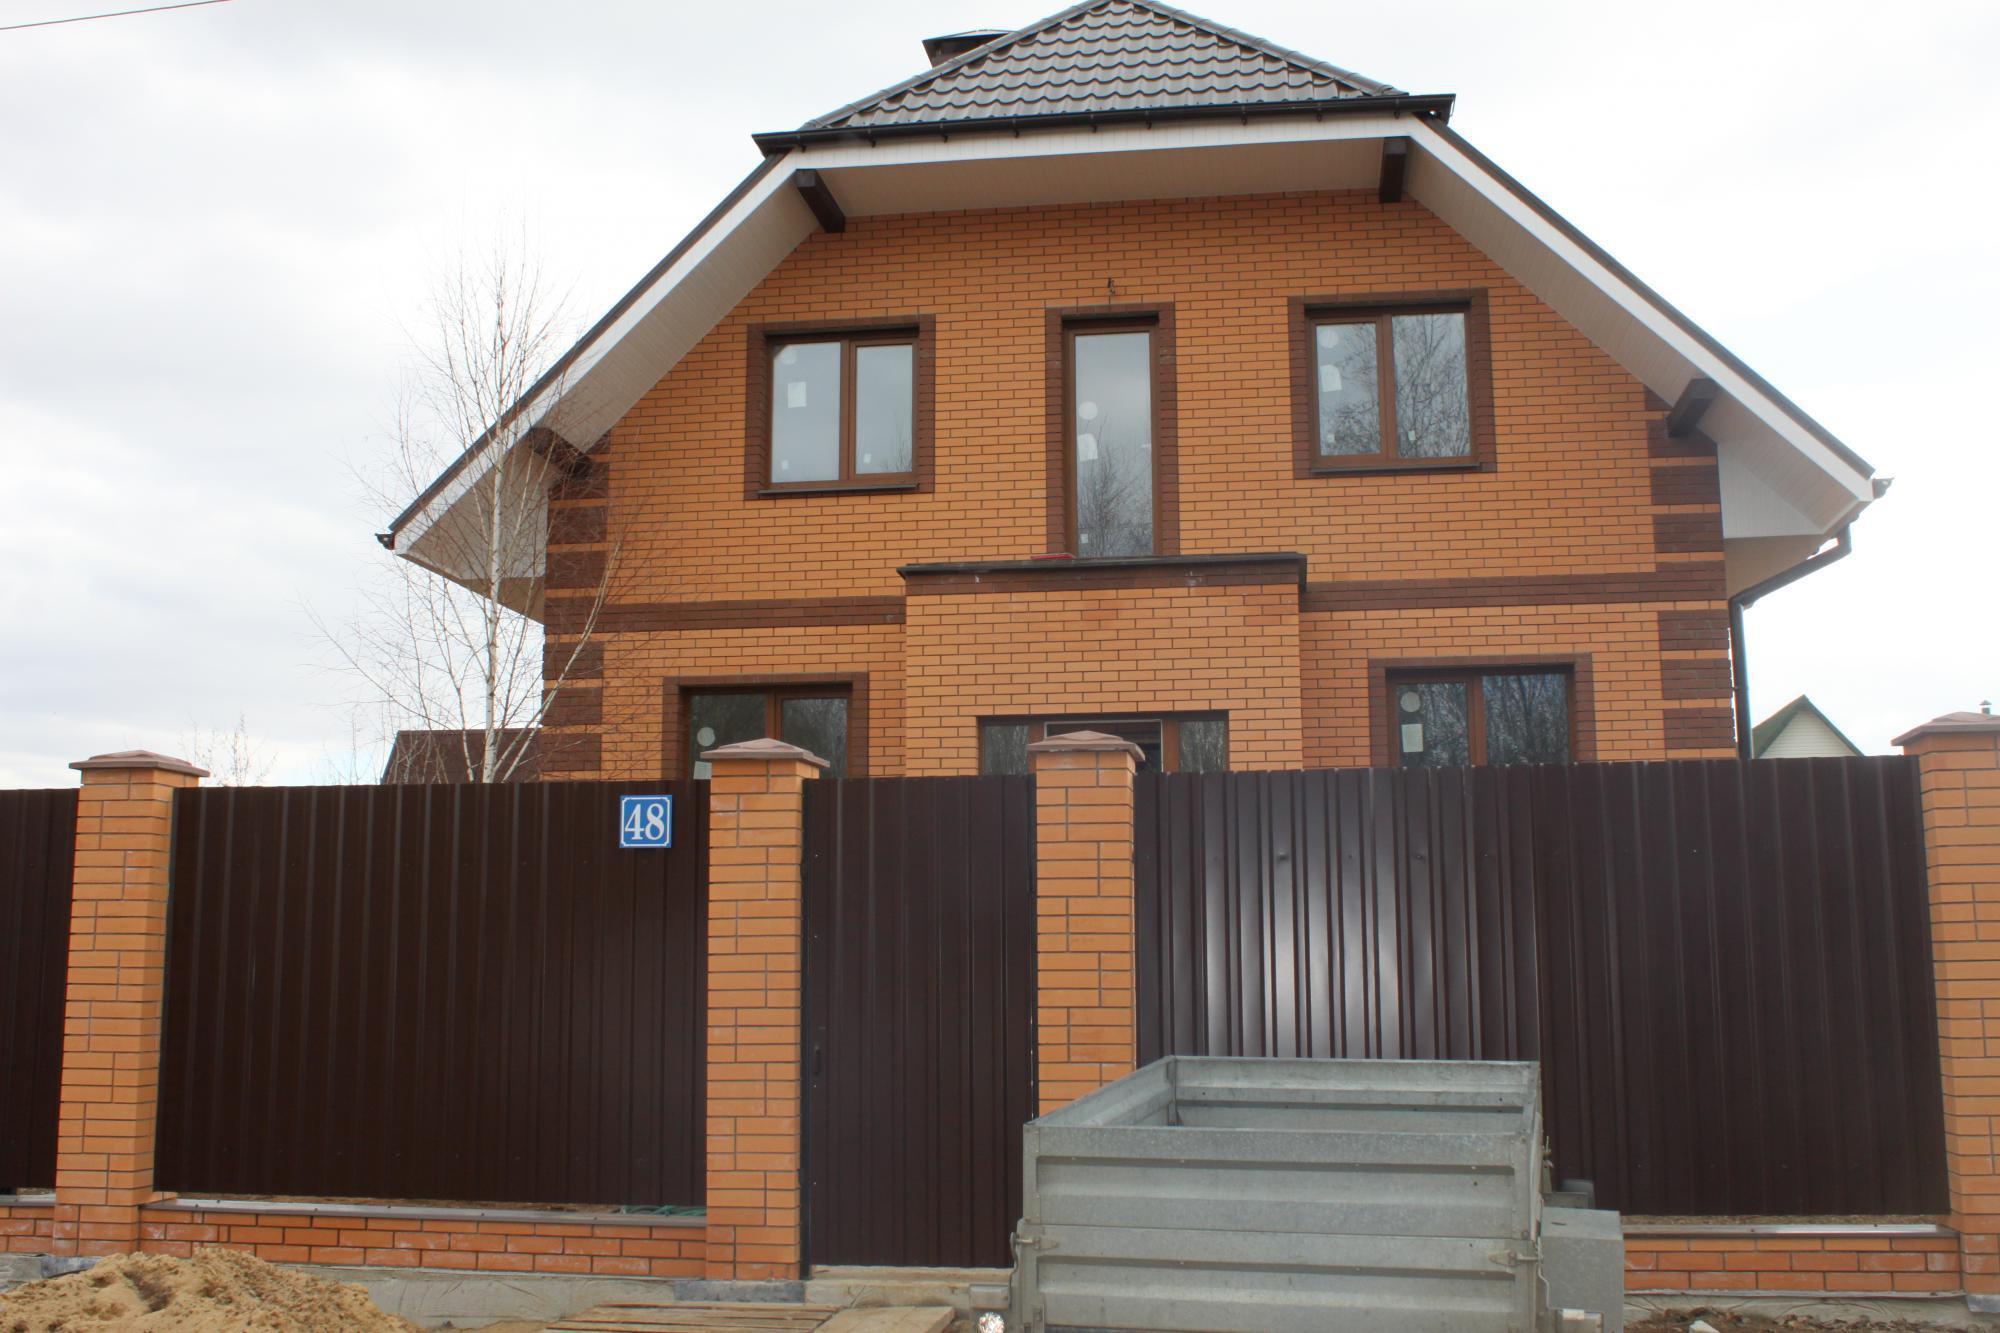 Купить дом, коттедж в Щелковский р-н, Ярославское шоссе, Хлепетово, 200 м2